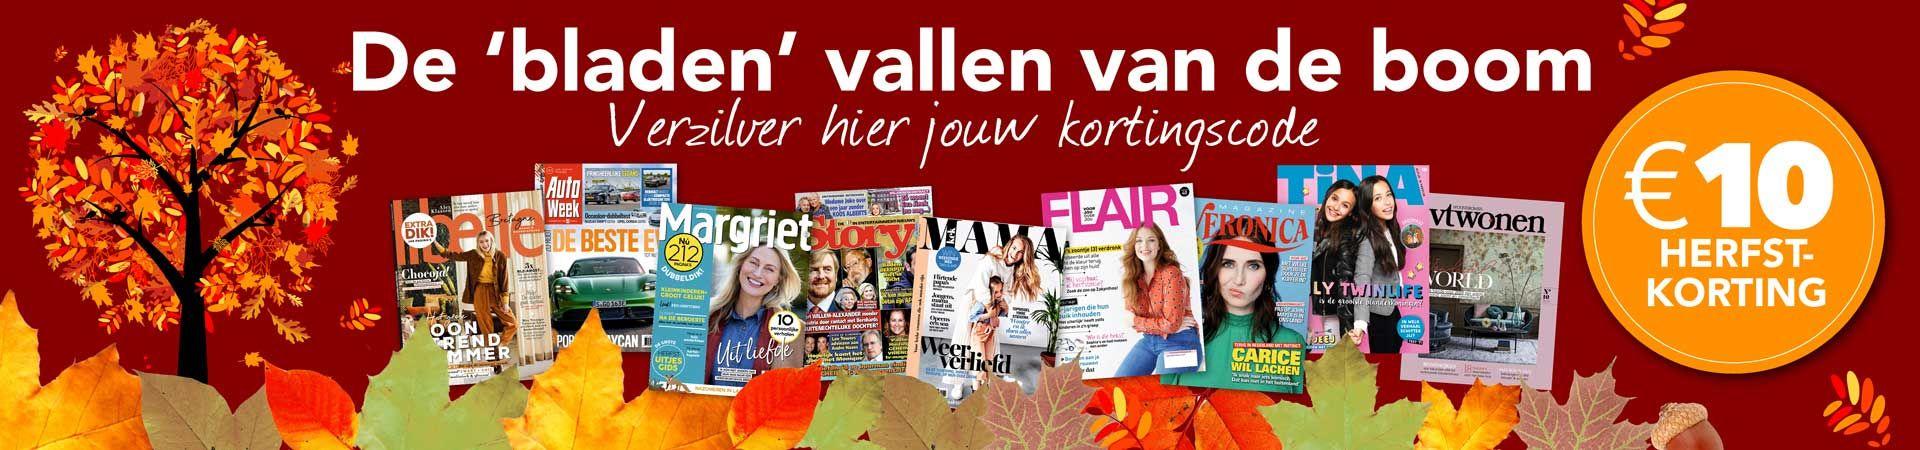 €10 herfstkorting op een tijdschriftabonnement bij Magazine.nl